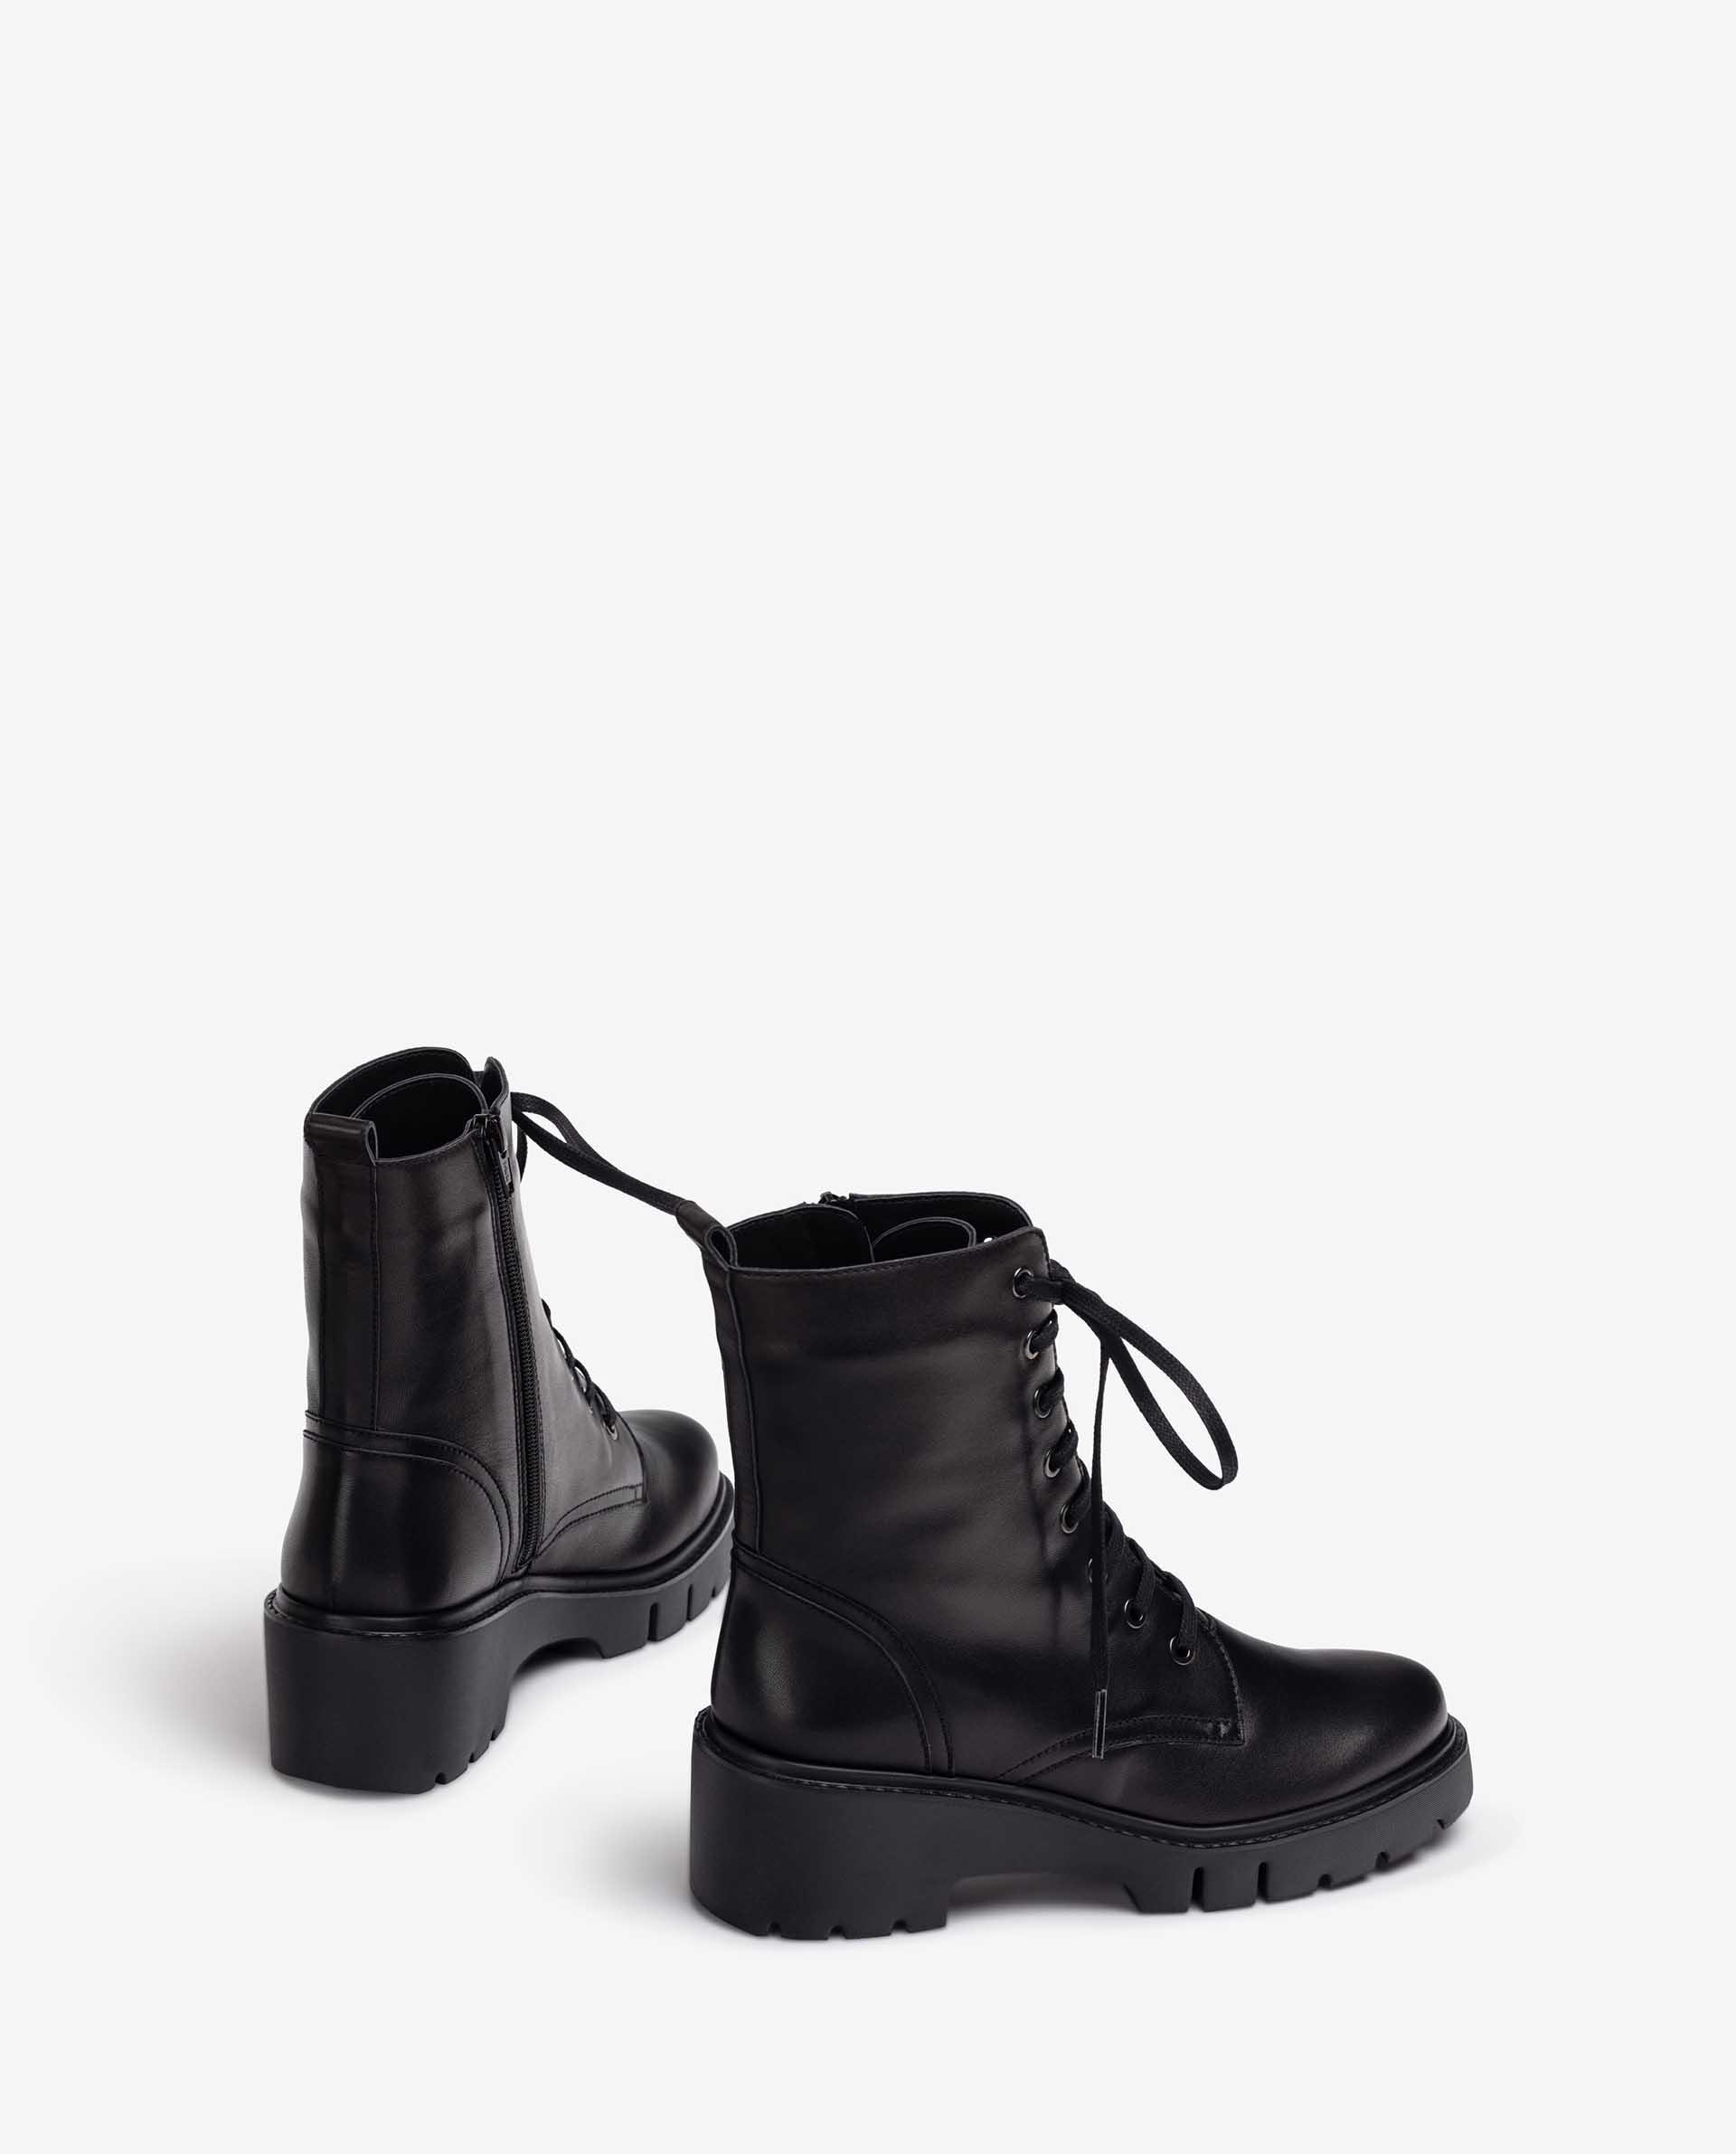 Unisa Stiefeletten JRISO_F21_VU black